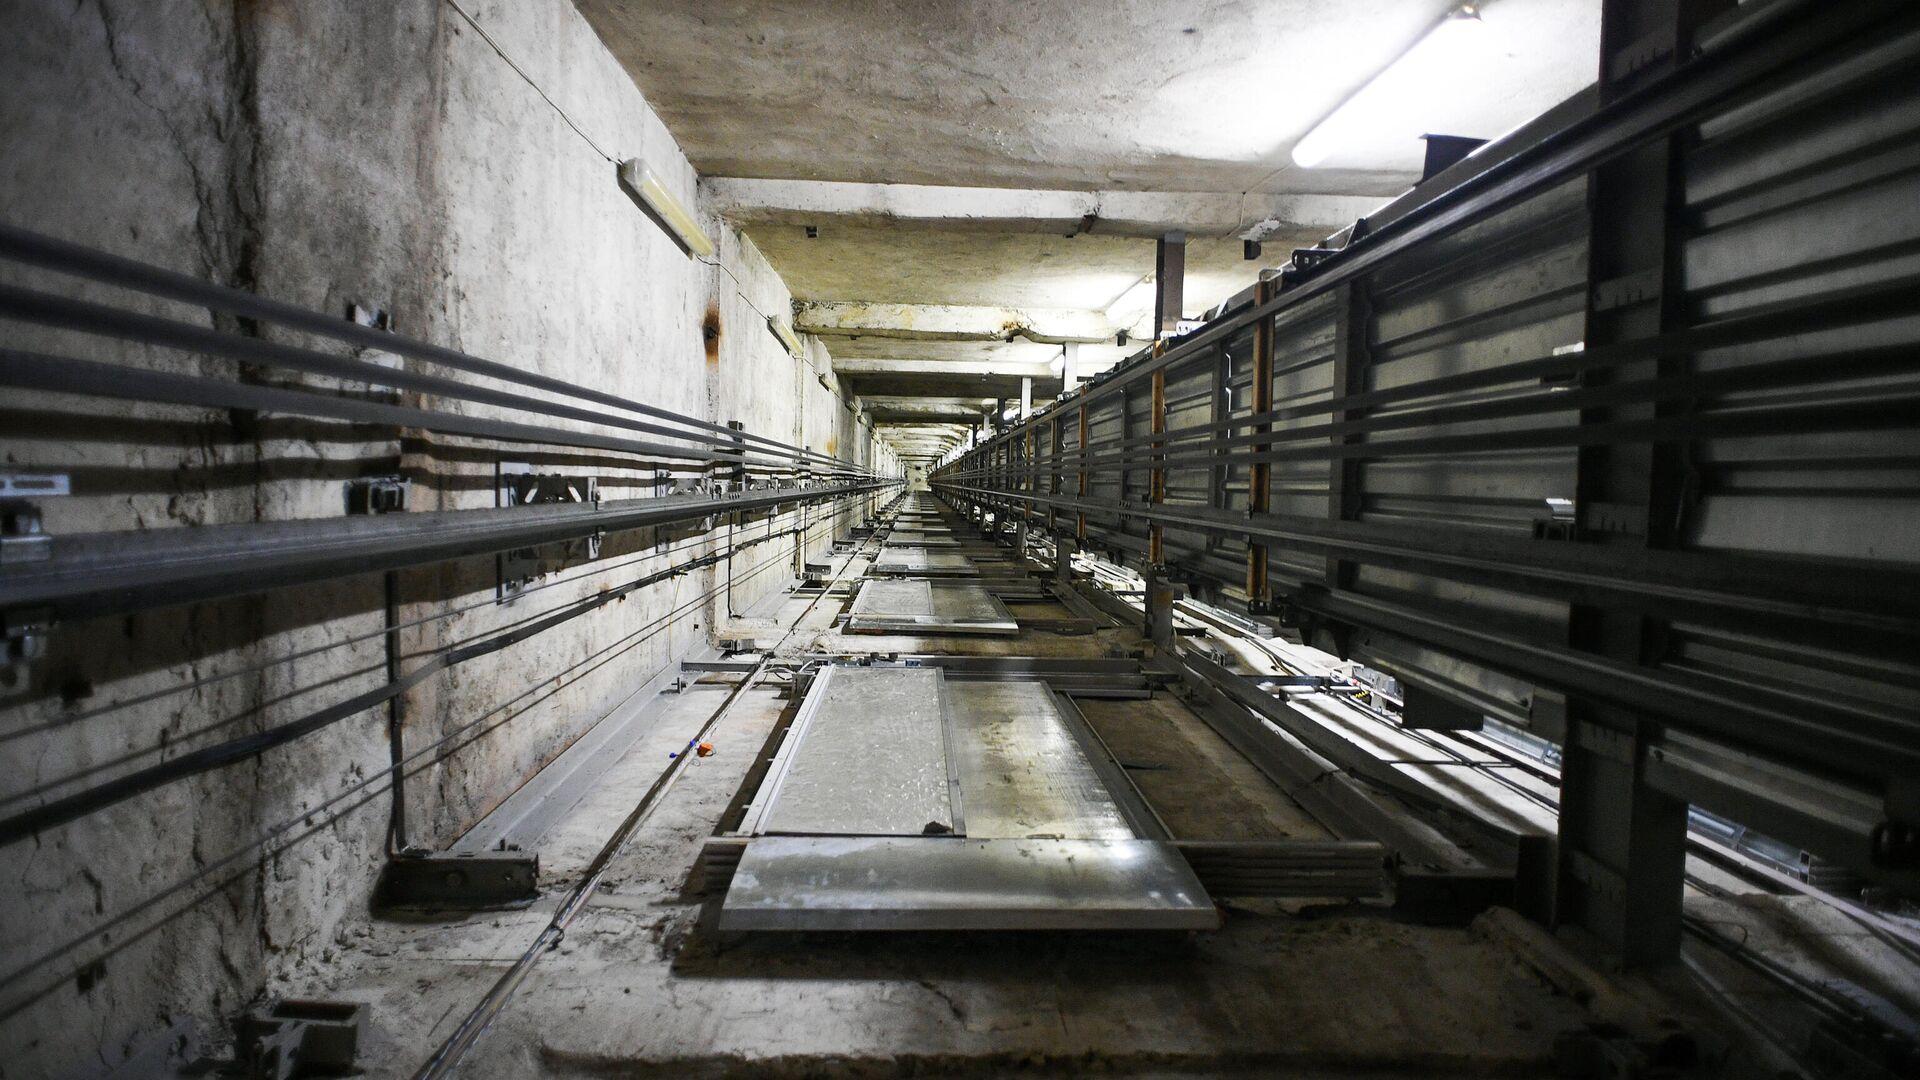 Шахта лифта в высотном жилом доме на Котельнической набережной в Москве - РИА Новости, 1920, 25.09.2020